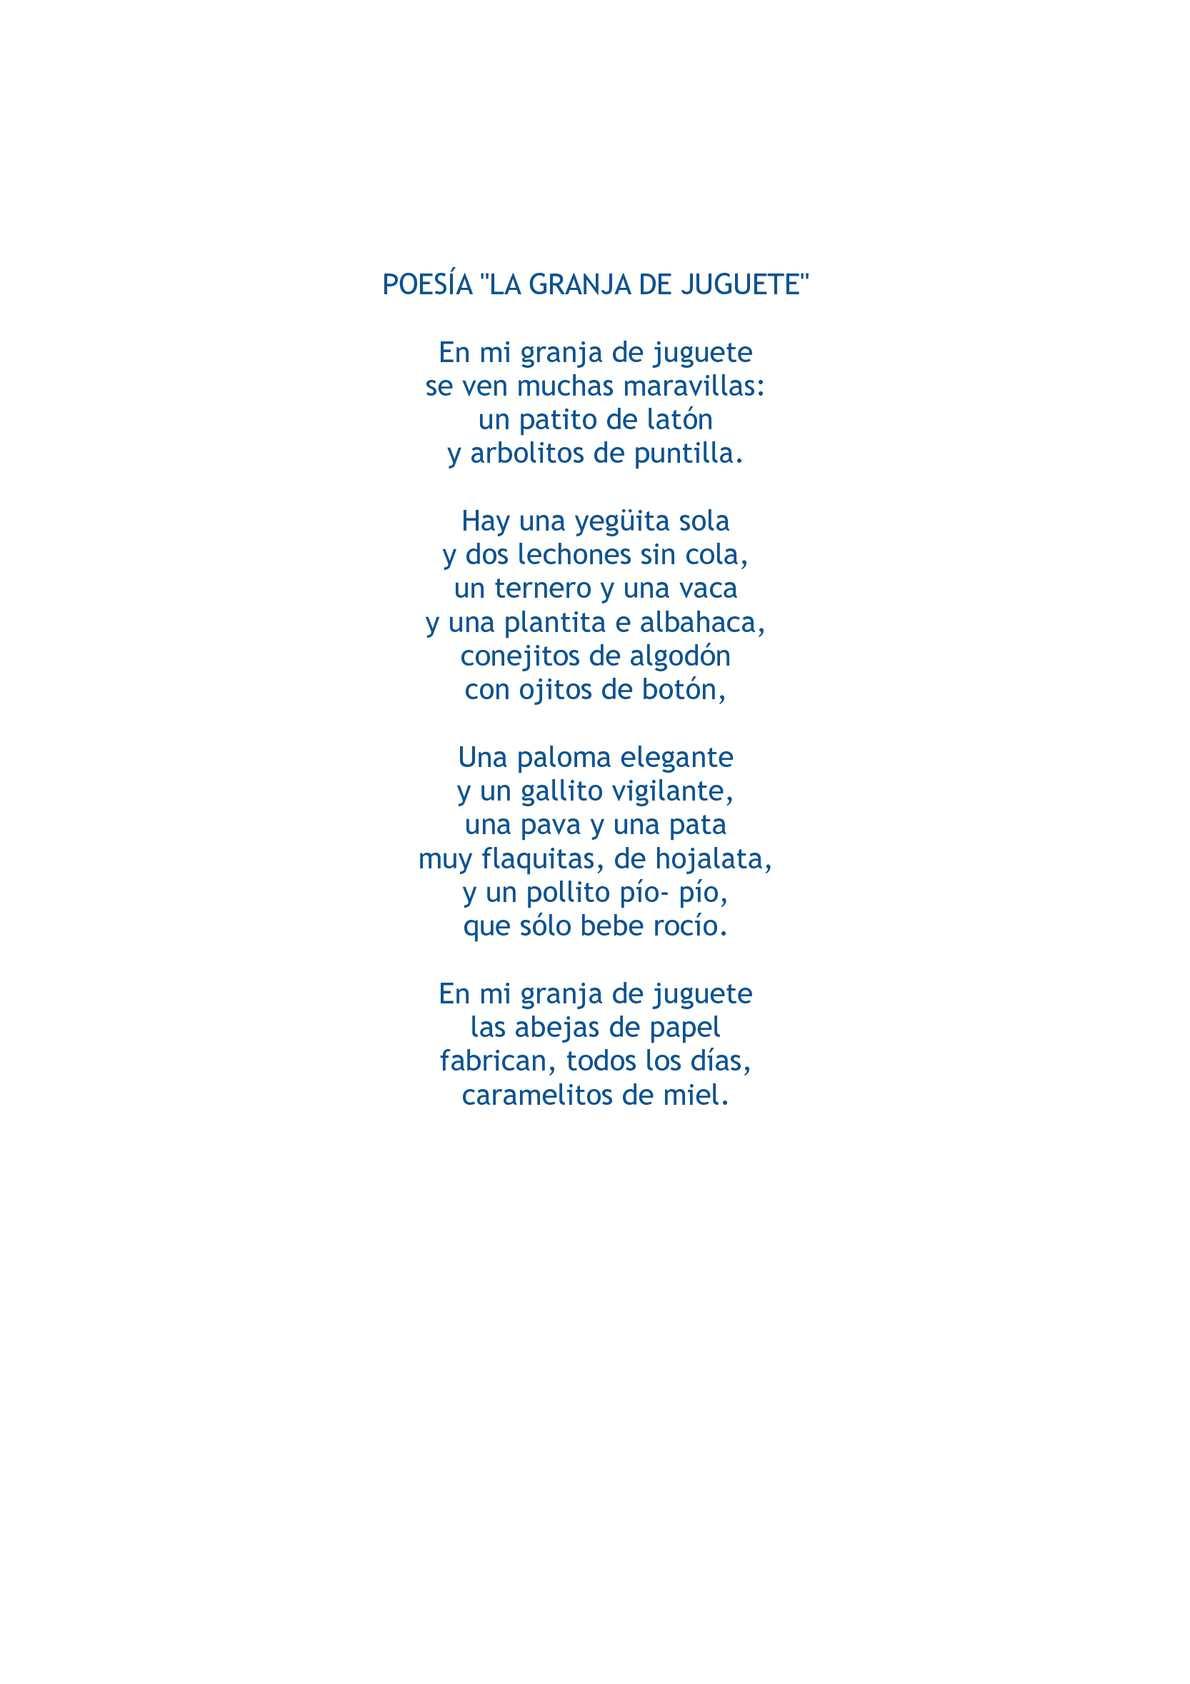 Poesia Calaméo Calaméo De De La Granja Poesia Poesia La Granja De Calaméo qVMSGpUz